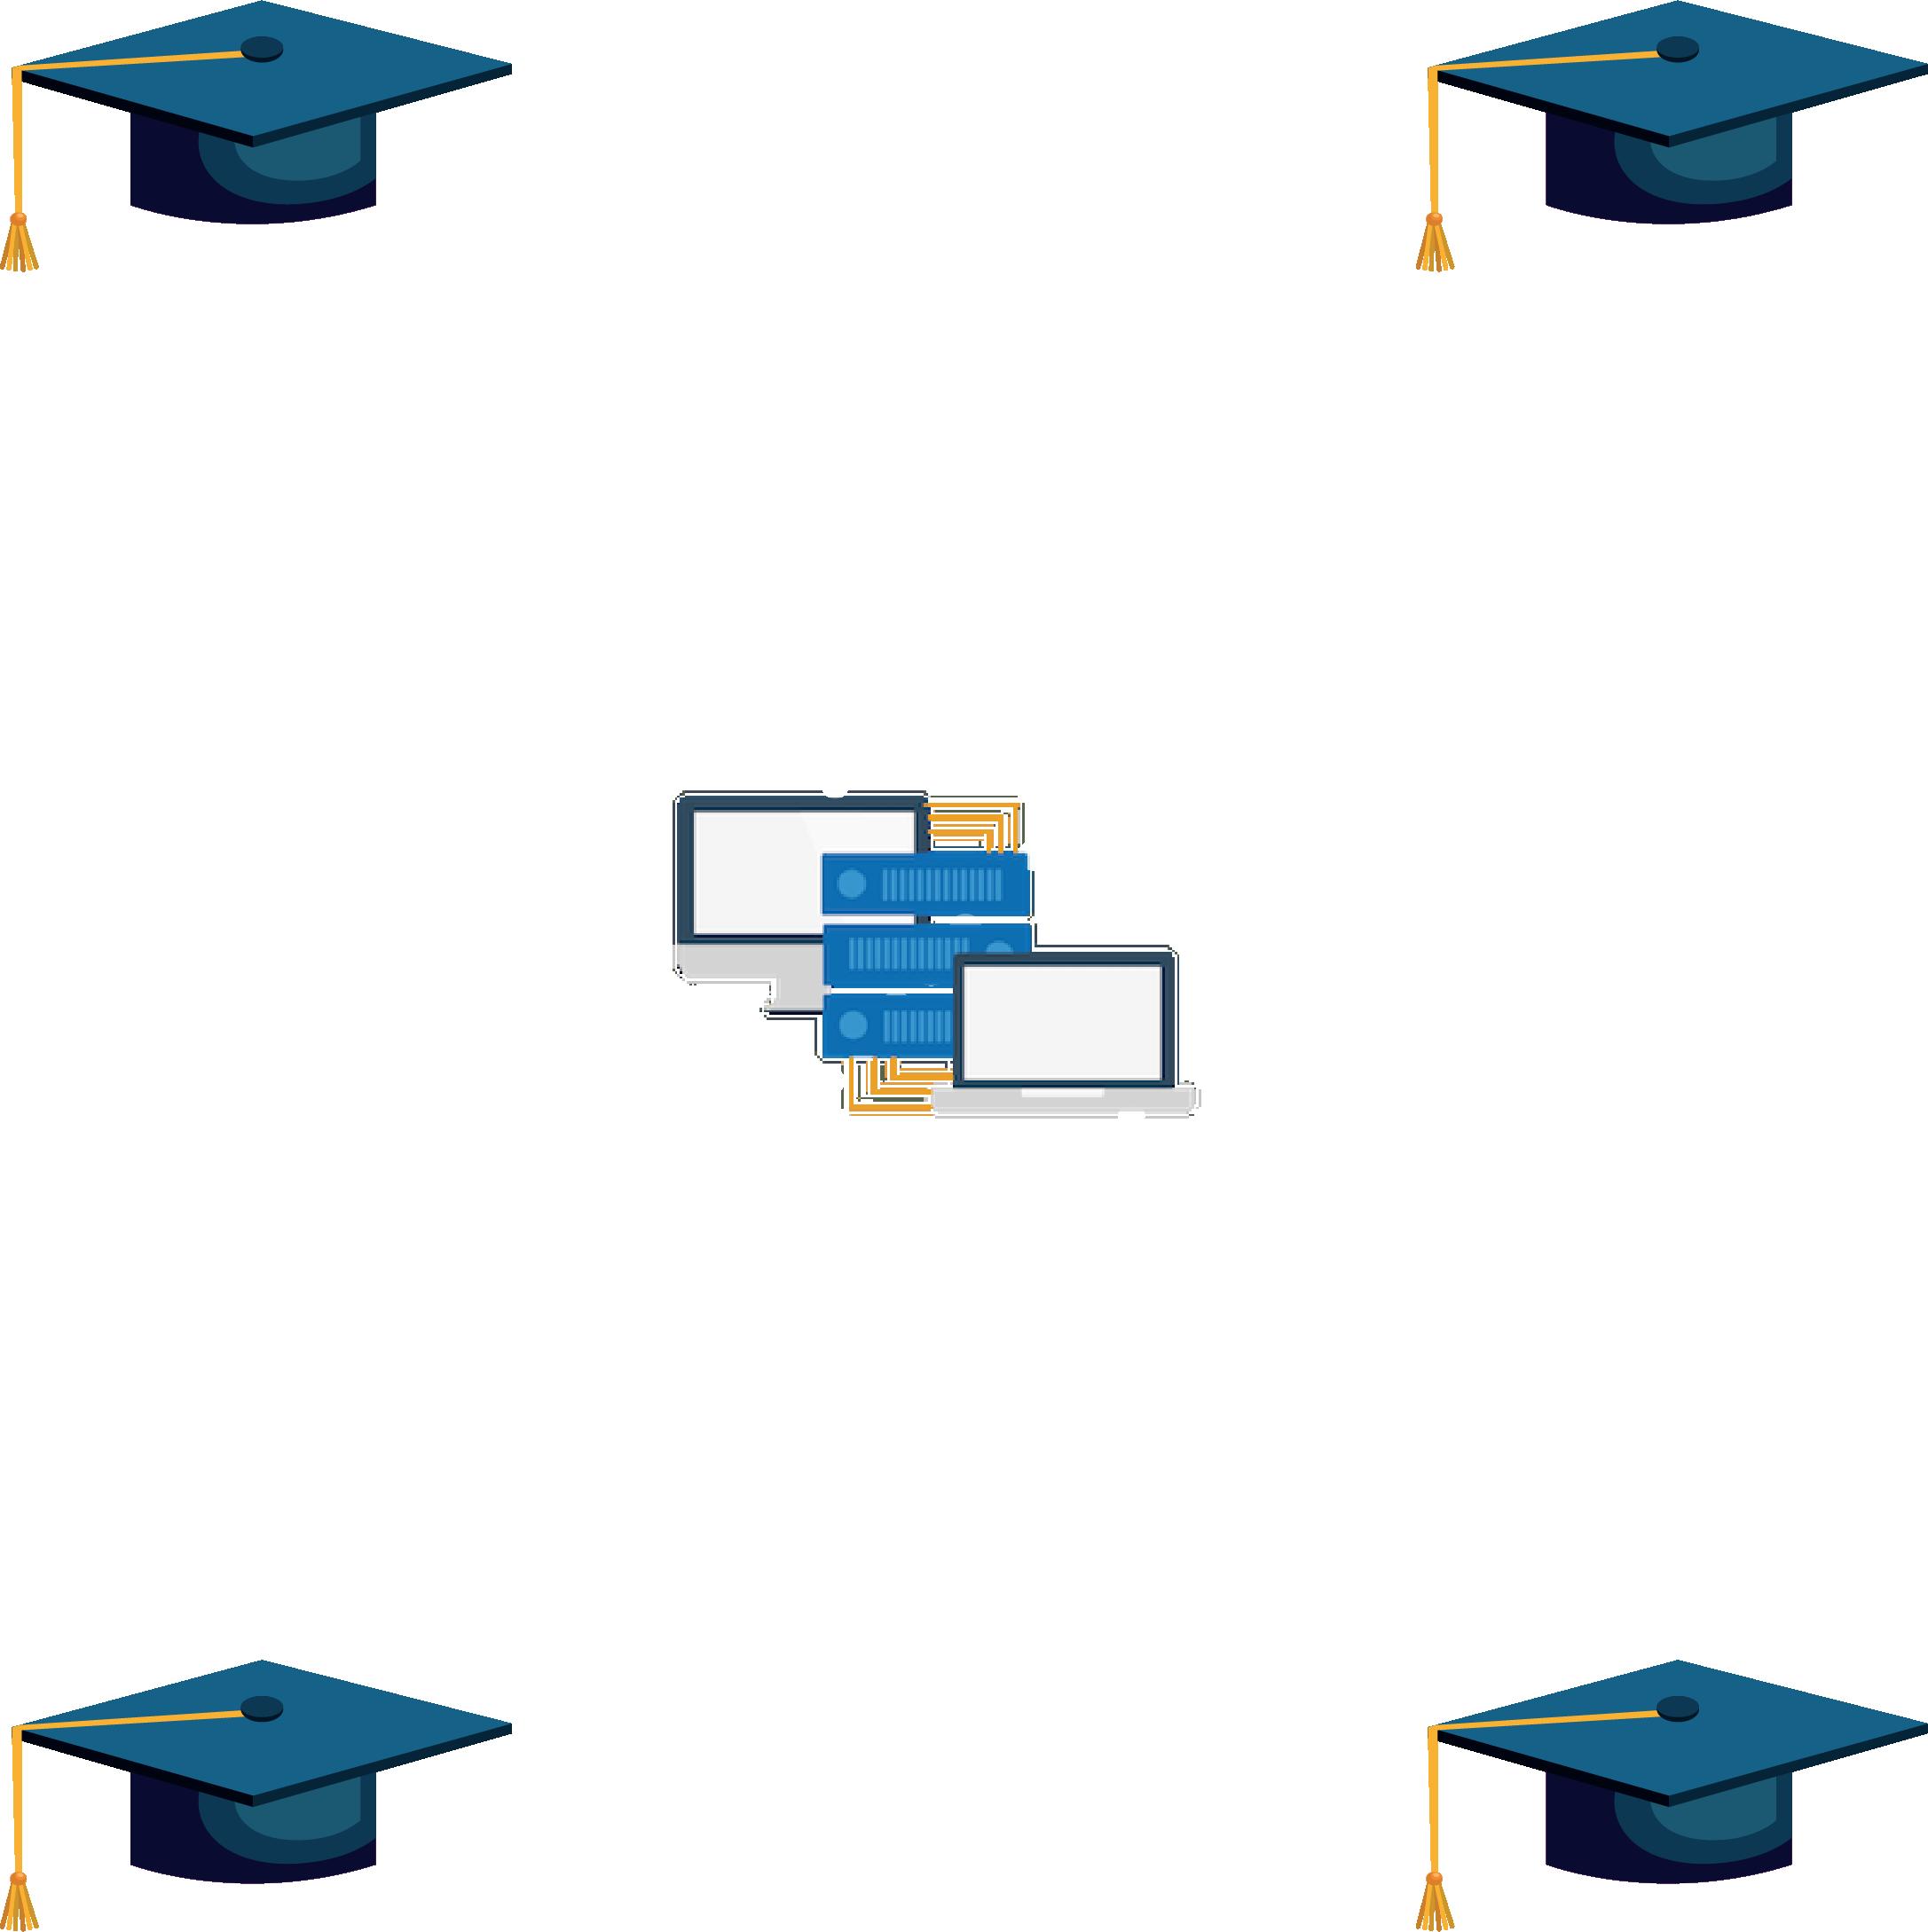 midas-server